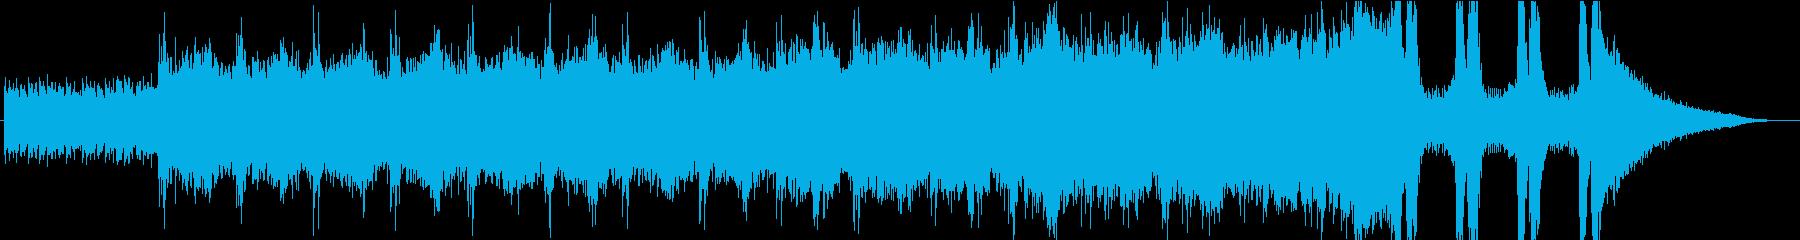 切迫の再生済みの波形